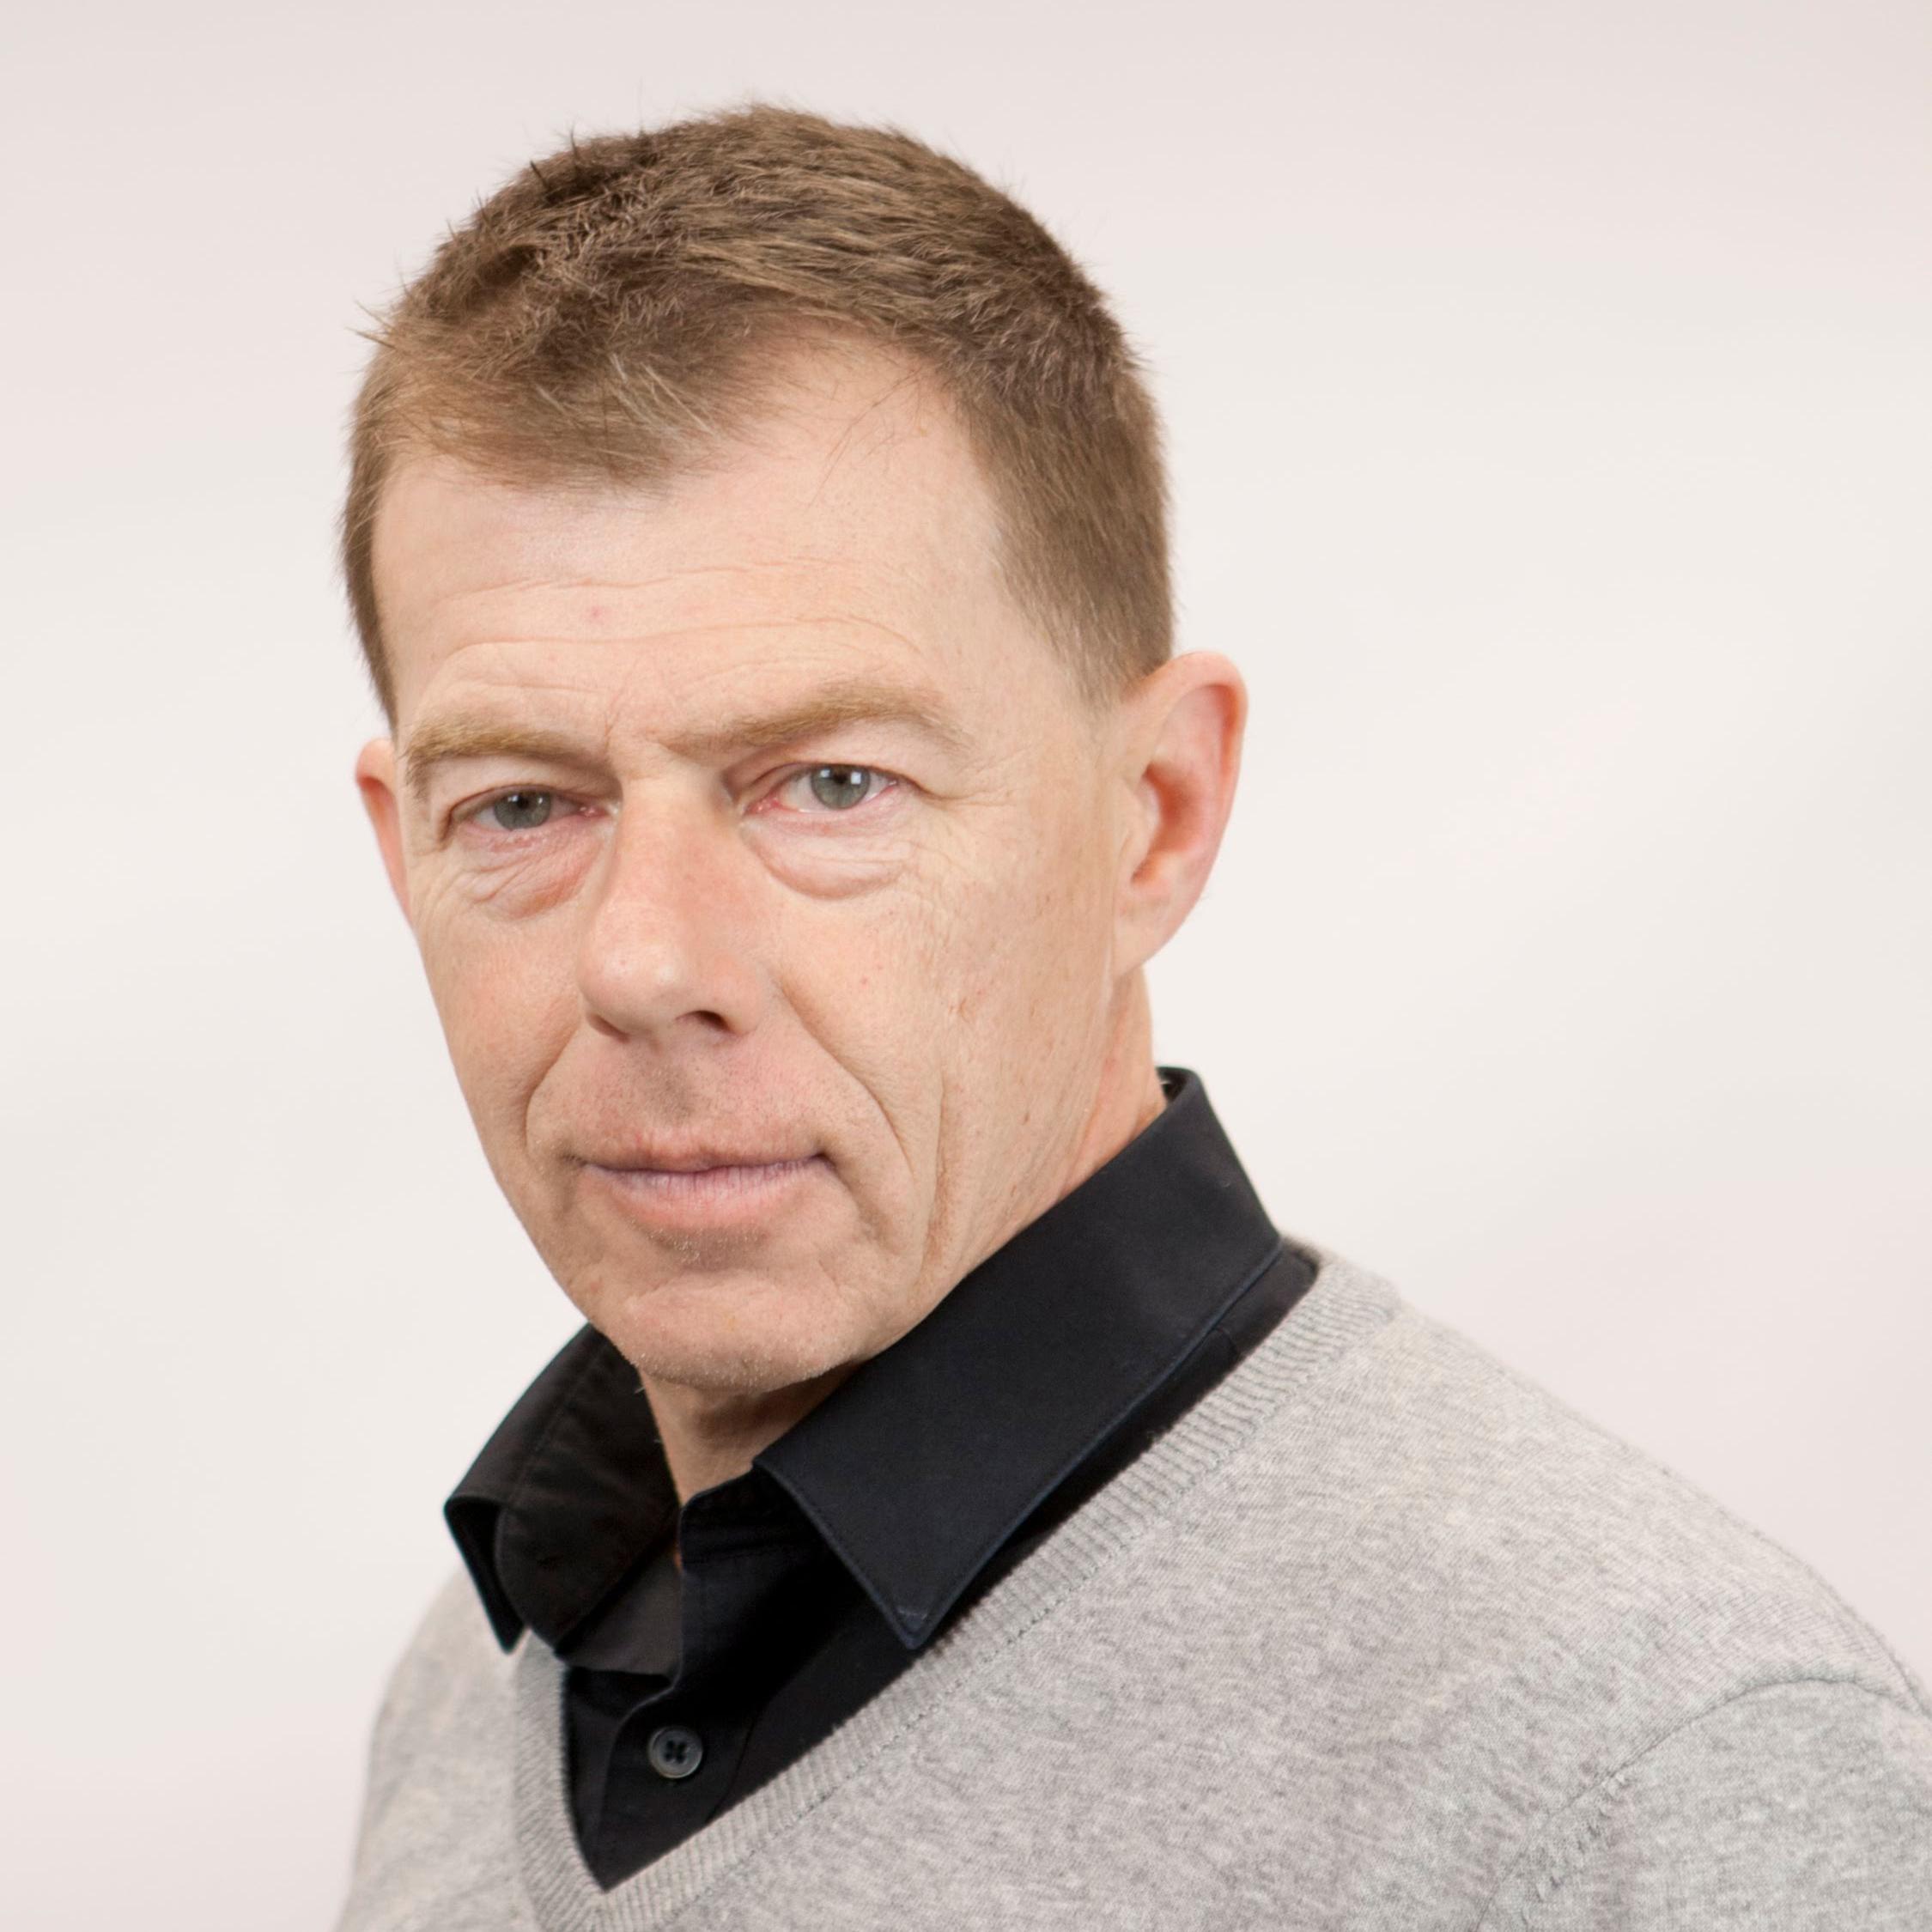 Patrick Van Driessche